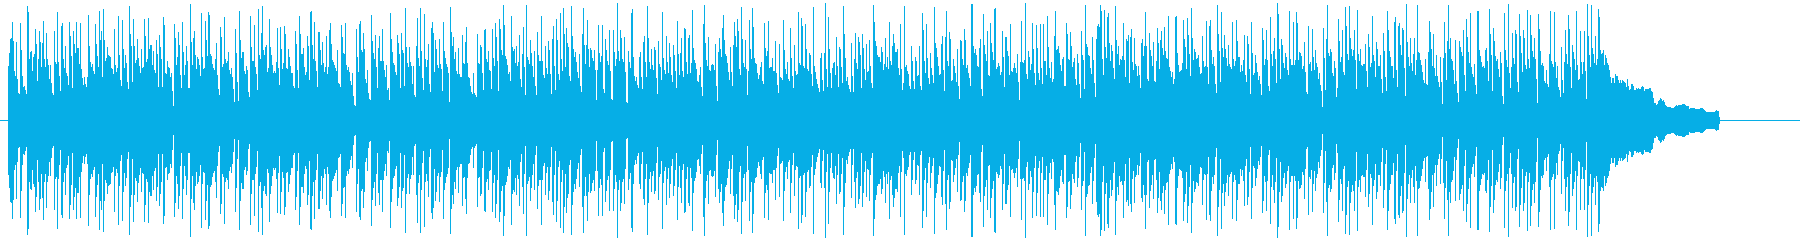 まどろみと安らぎを感じる休日のボサノバの再生済みの波形